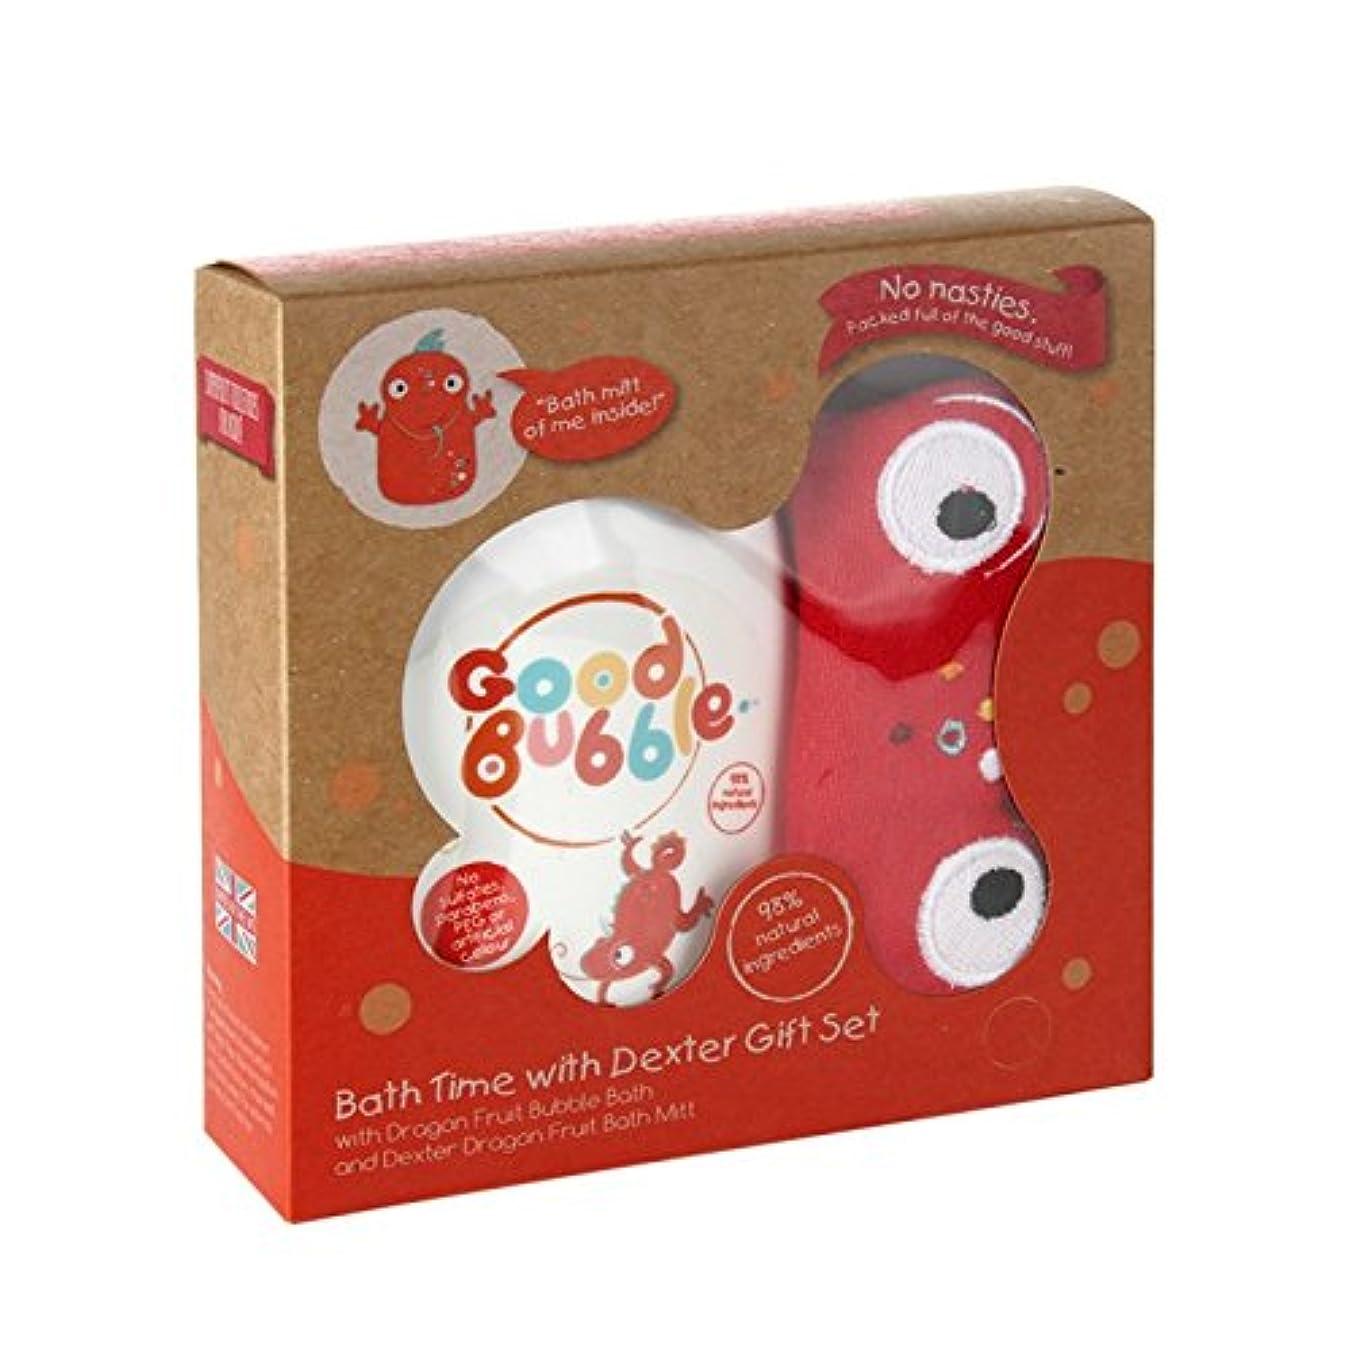 征服するヤング付属品良いバブルデクスターDragonfruitギフトセット550グラム - Good Bubble Dexter Dragonfruit Gift Set 550g (Good Bubble) [並行輸入品]